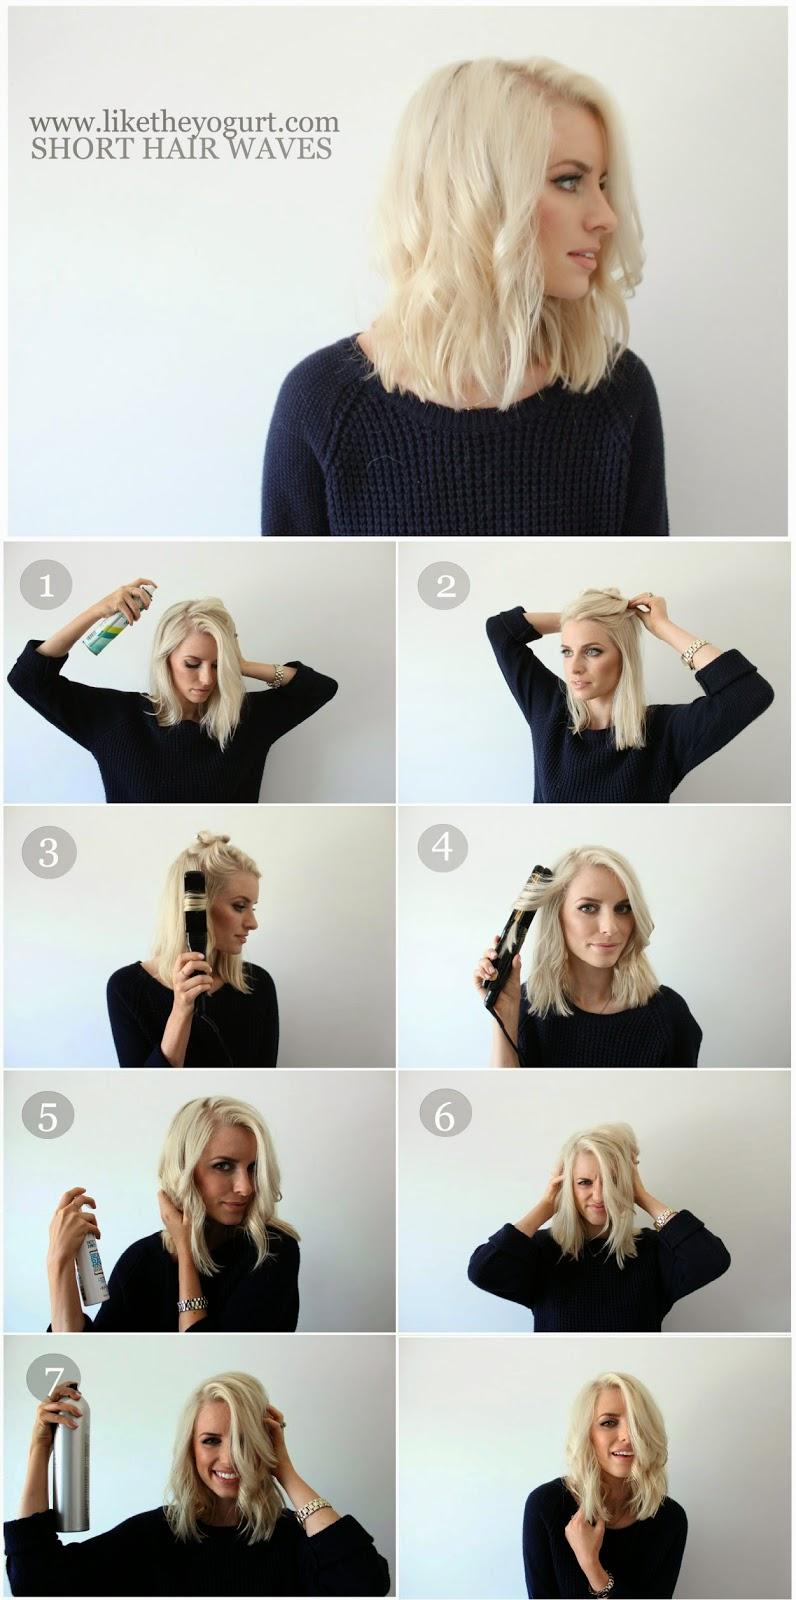 hair tutorials for short hair - photo #25